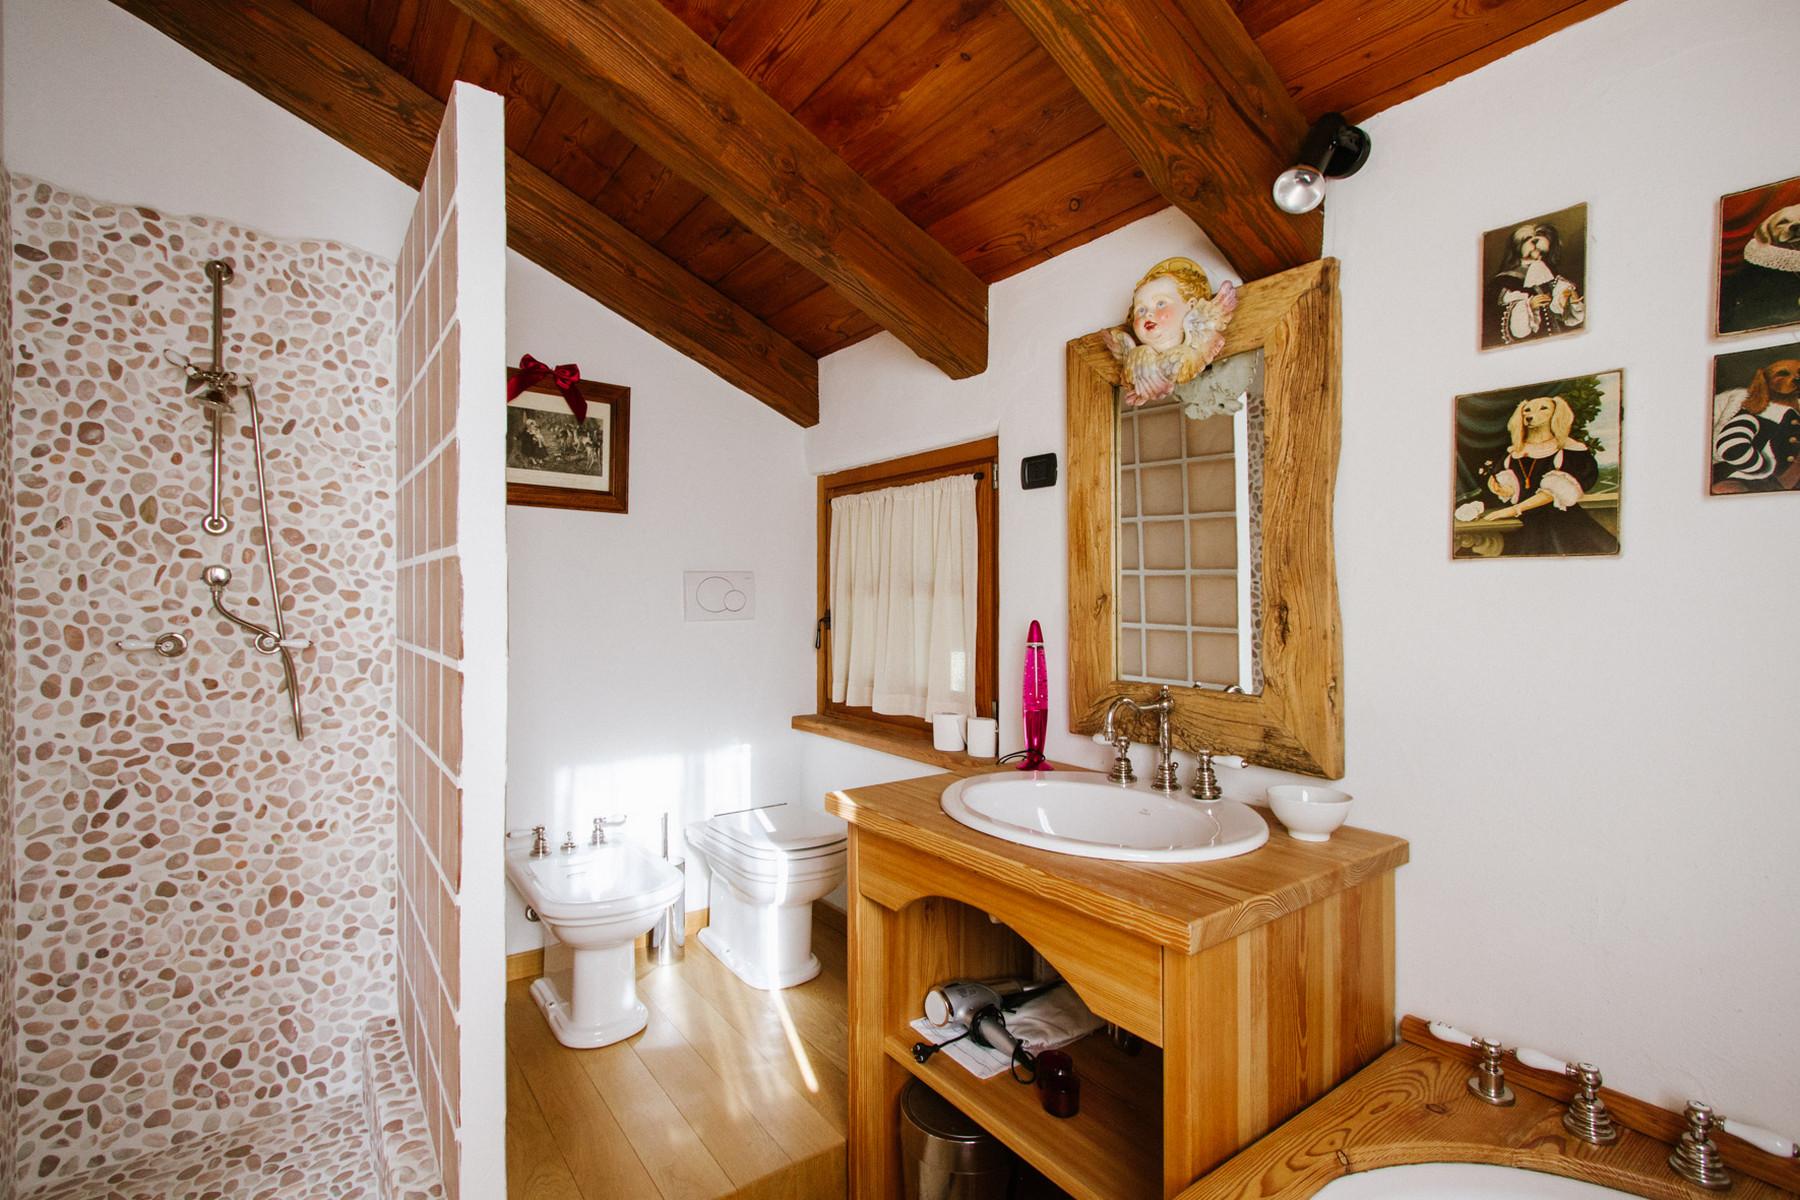 Villa in Vendita a Pre'-Saint-Didier: 5 locali, 350 mq - Foto 9